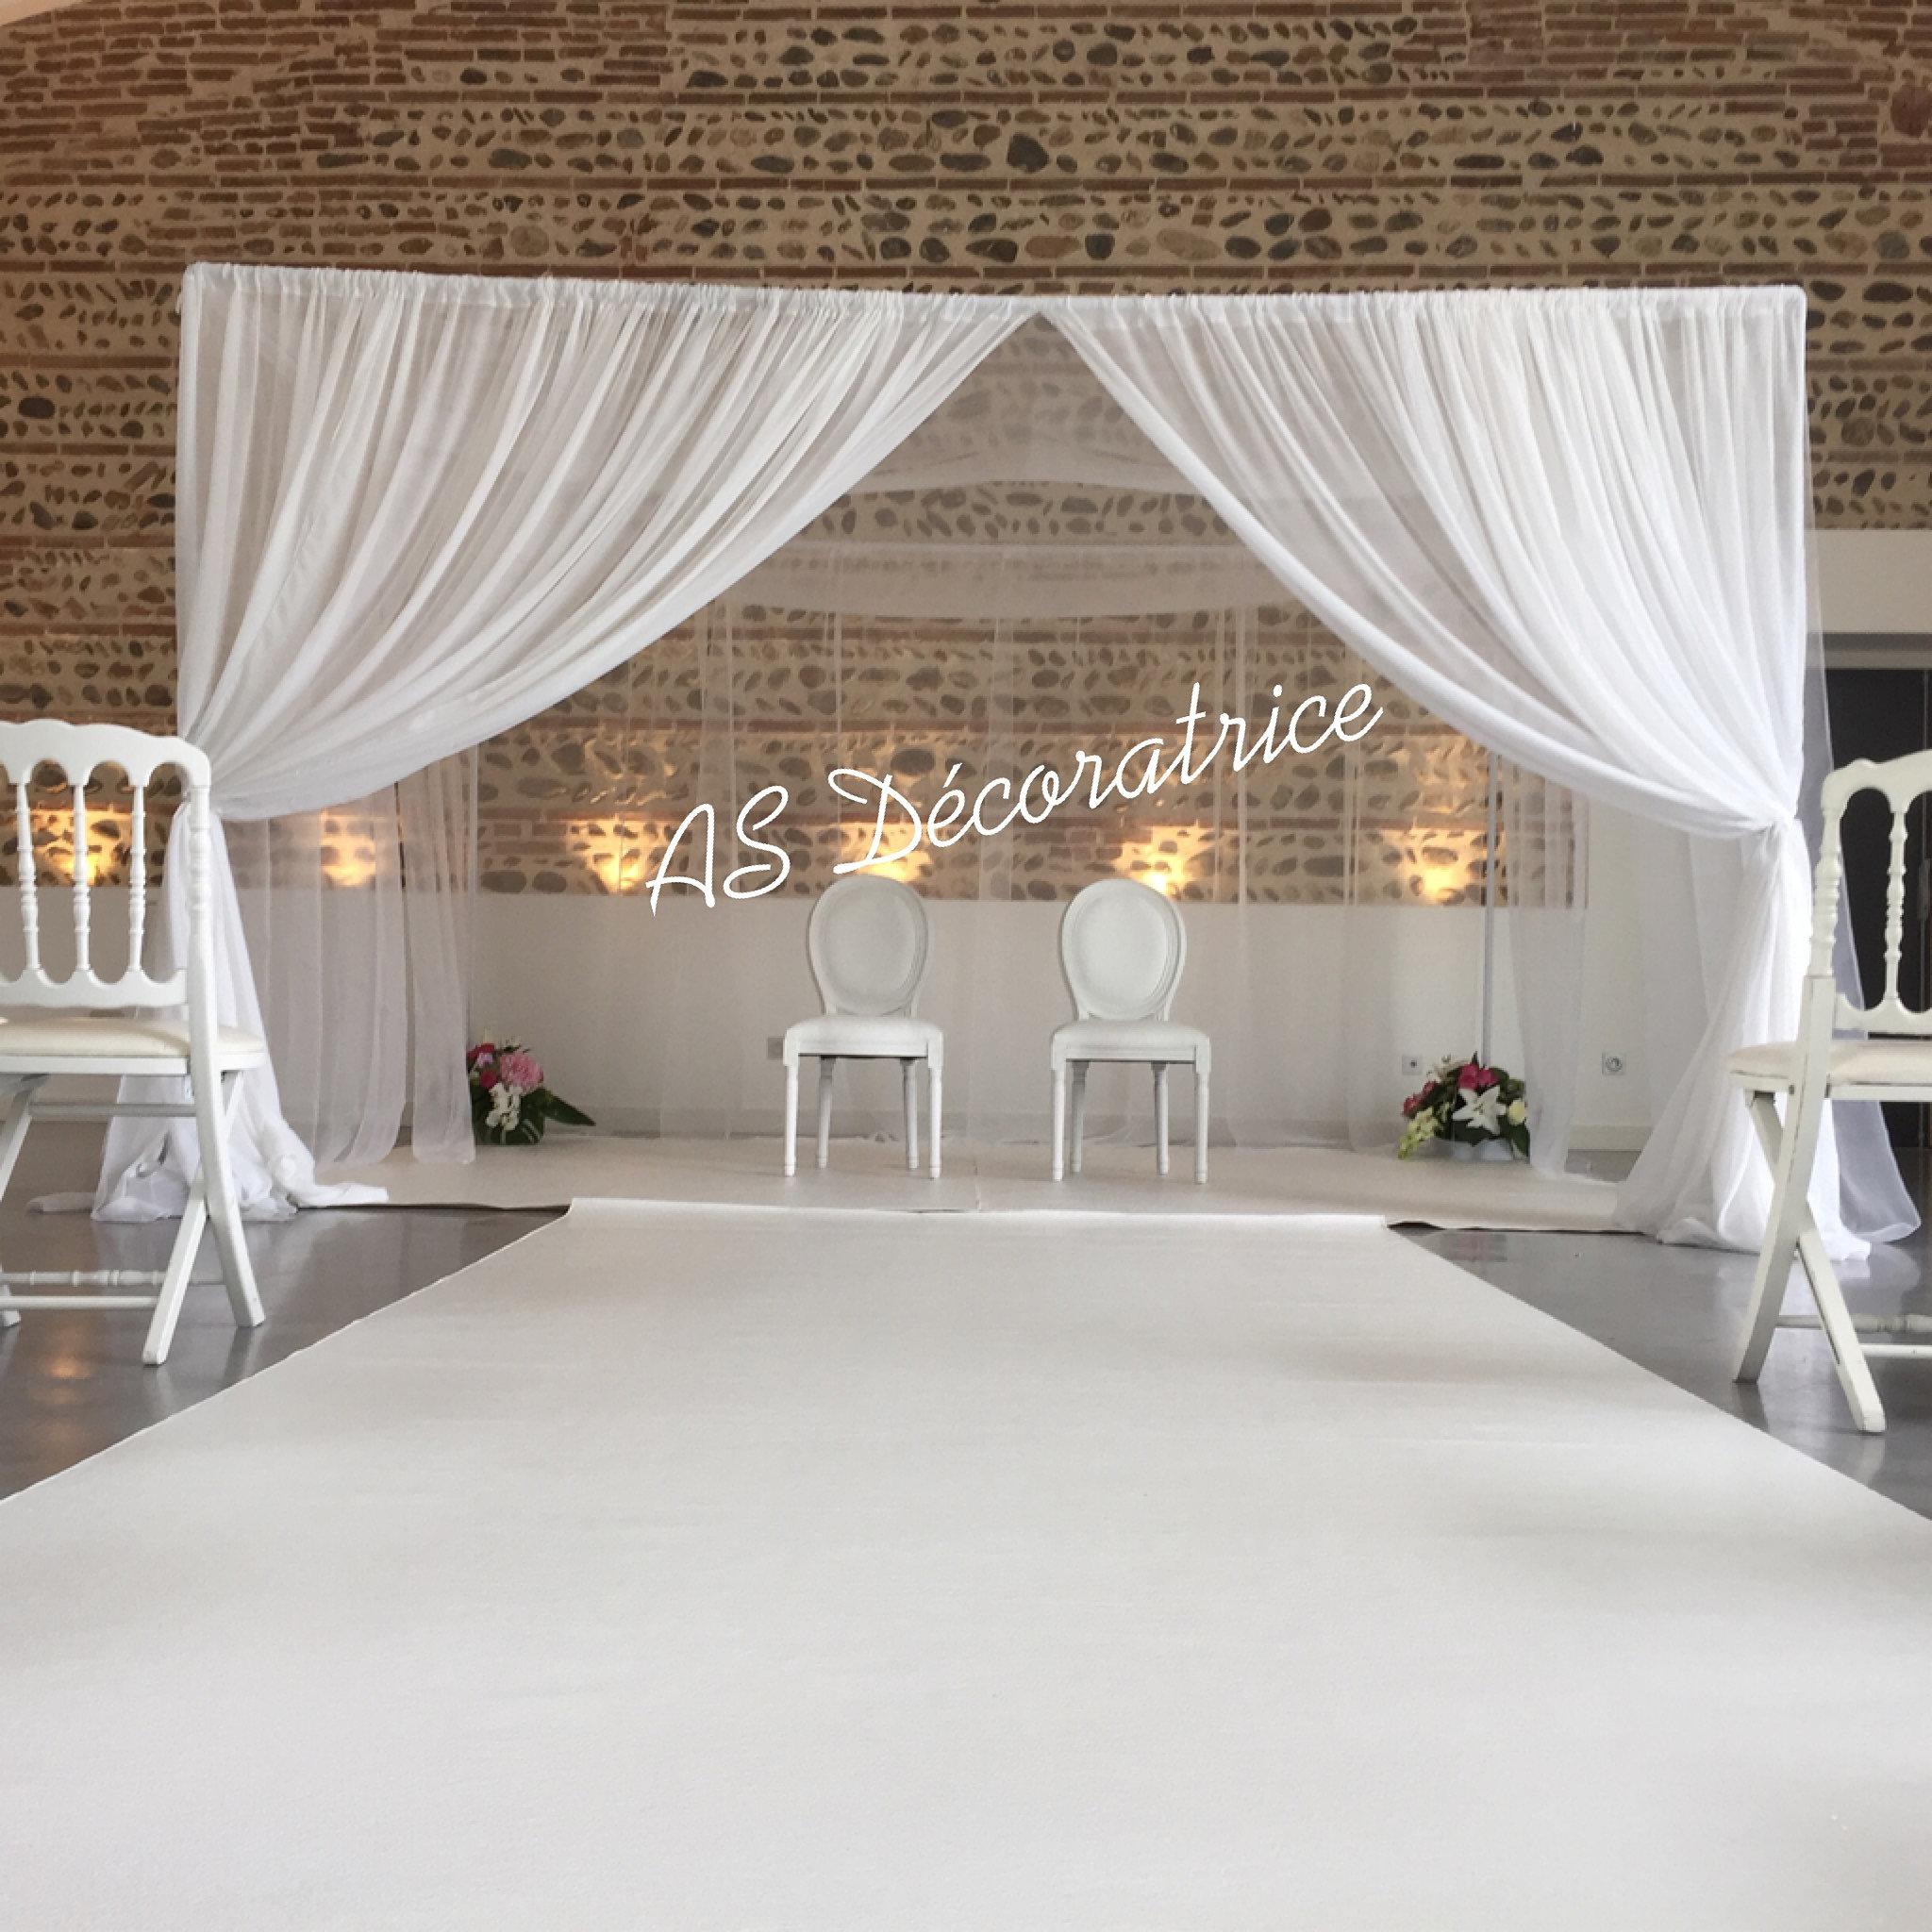 dcoration crmonie mariage toulouse as dcoratrice - Decoratrice Mariage Toulouse